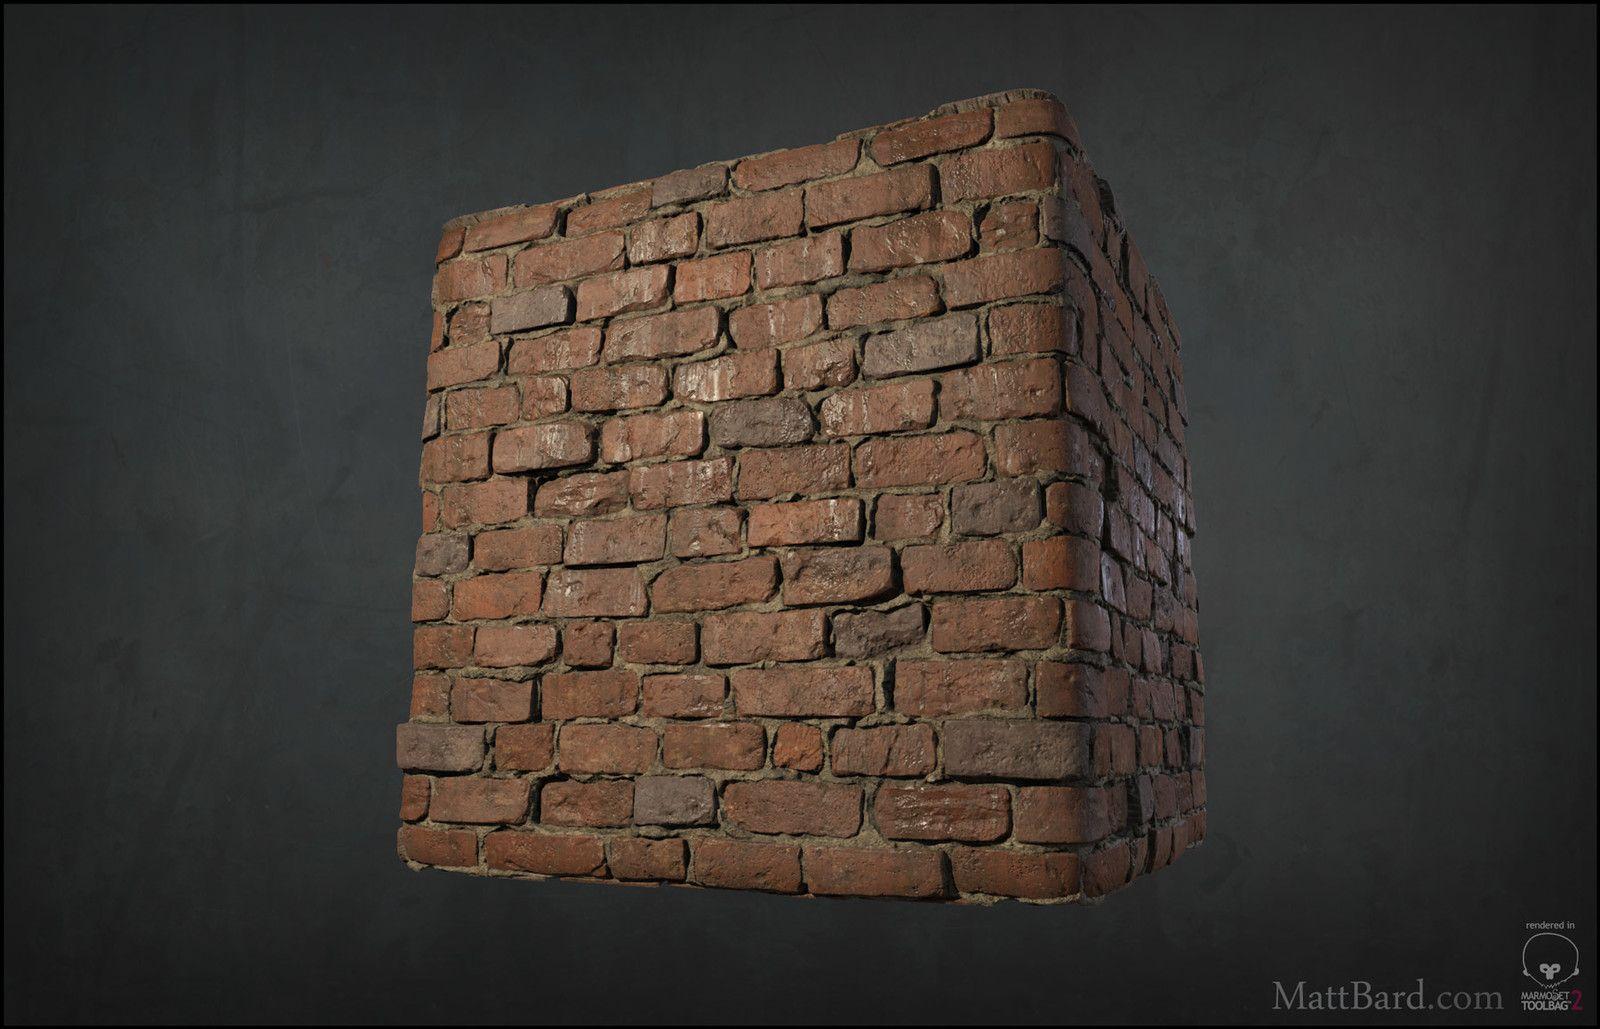 Personal Work - Tileable Red Brick, Matt Bard on ArtStation at https://www.artstation.com/artwork/lNVqk